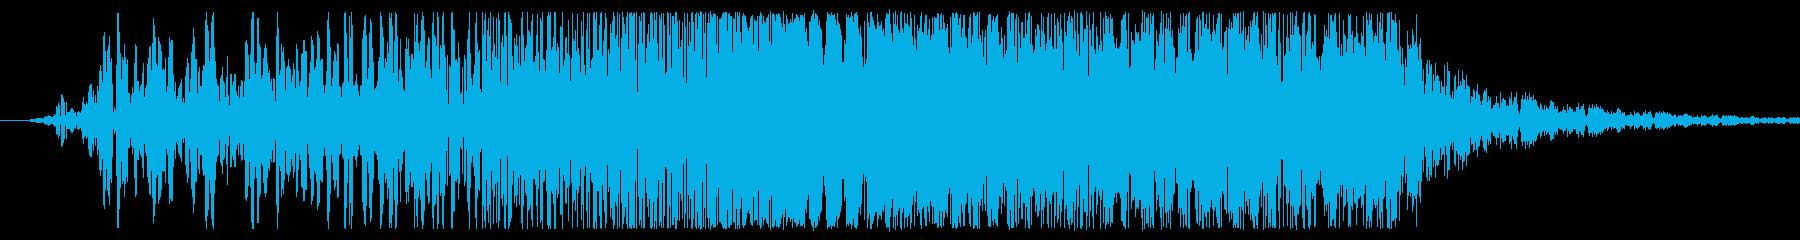 内蔵レーザーWoosh Rush ...の再生済みの波形